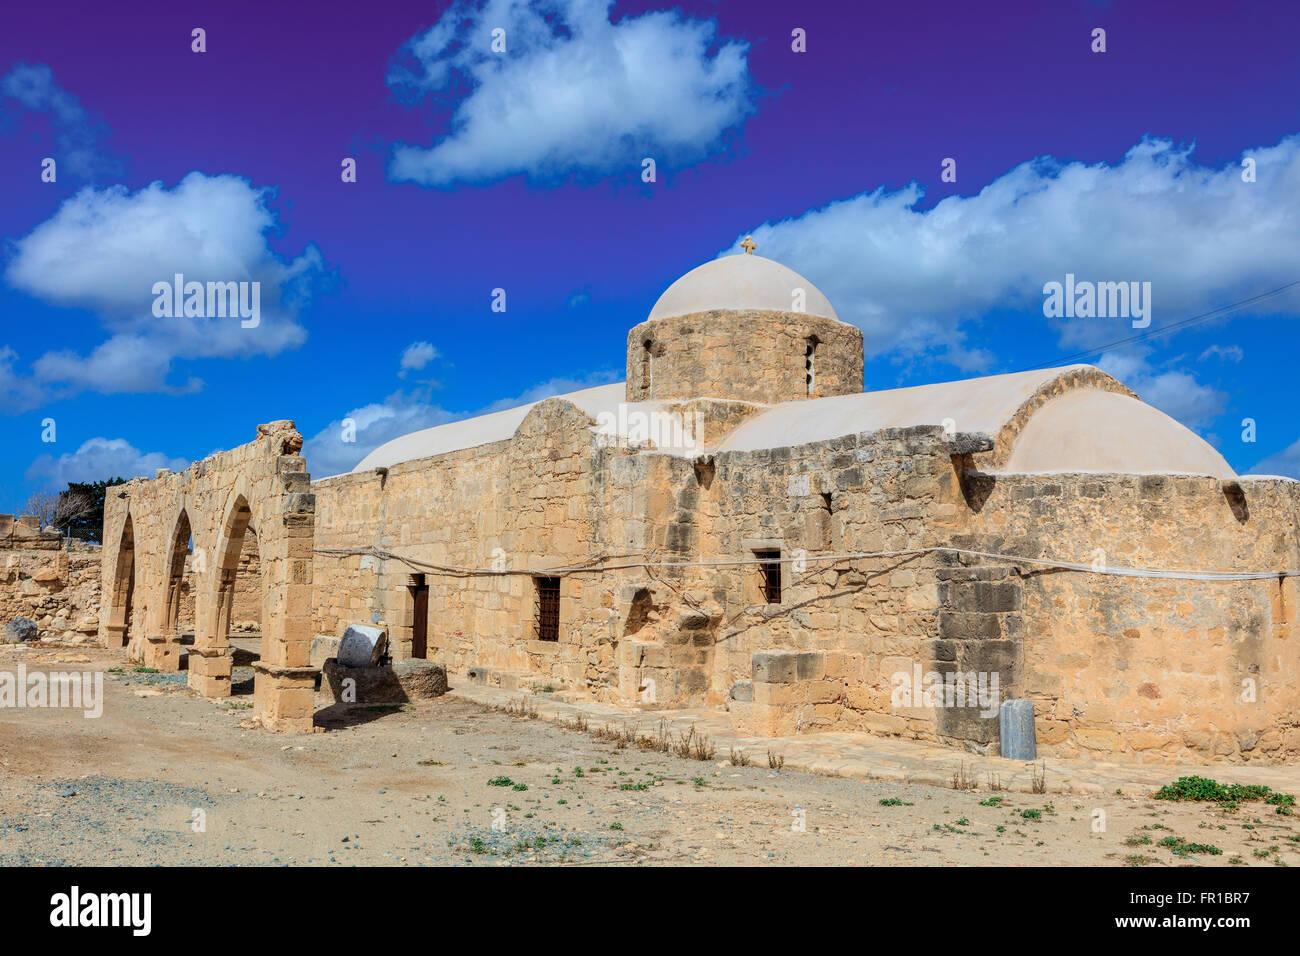 Antigua iglesia de Panagia Odigitria 'orientar' (la Virgen María) en Chipre. Imagen De Stock